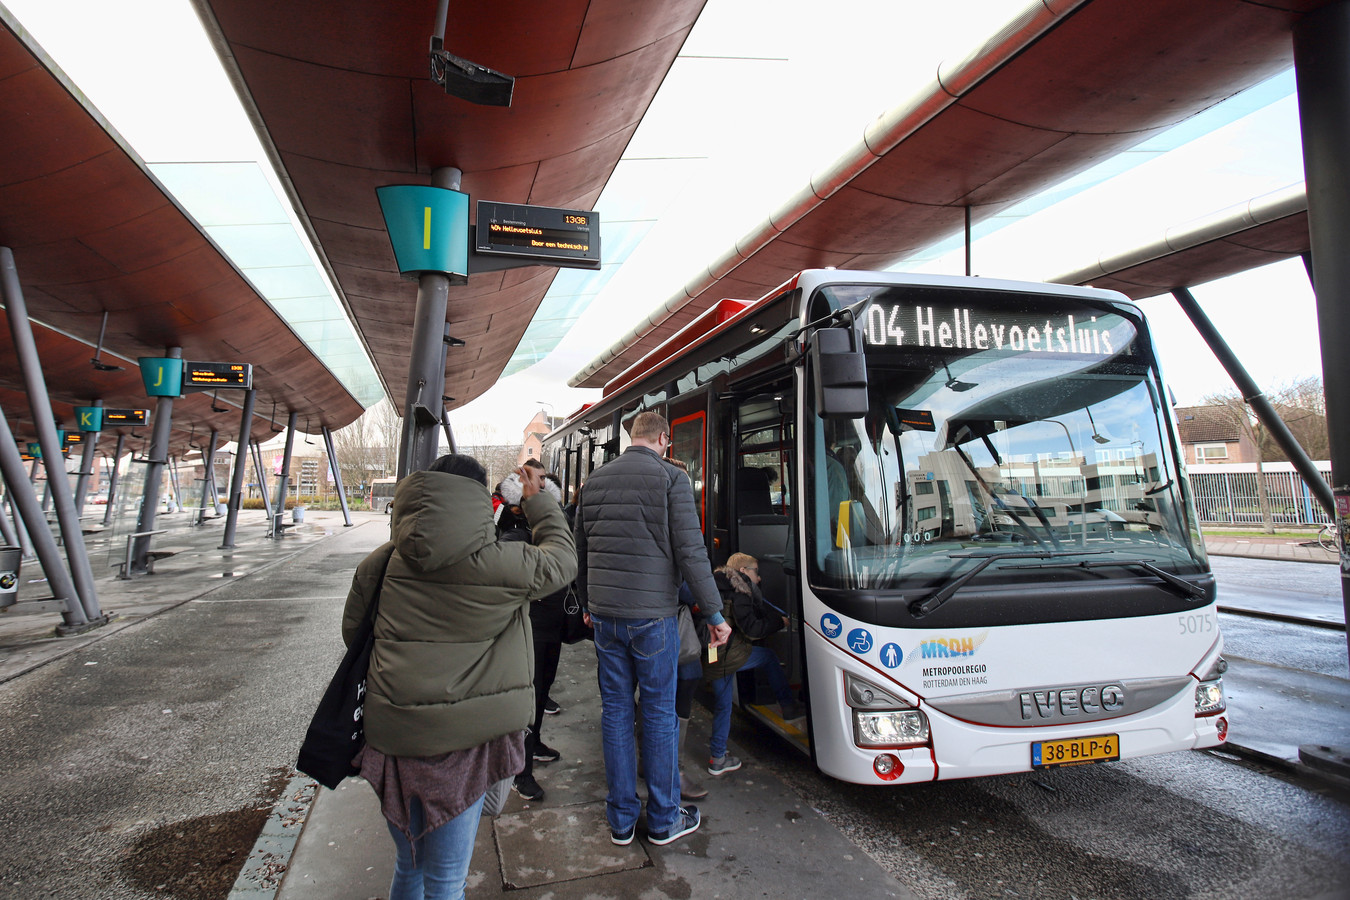 De bussen van EBS blijven over het eiland rijden, maar het aantal ritten wordt iets verminderd.